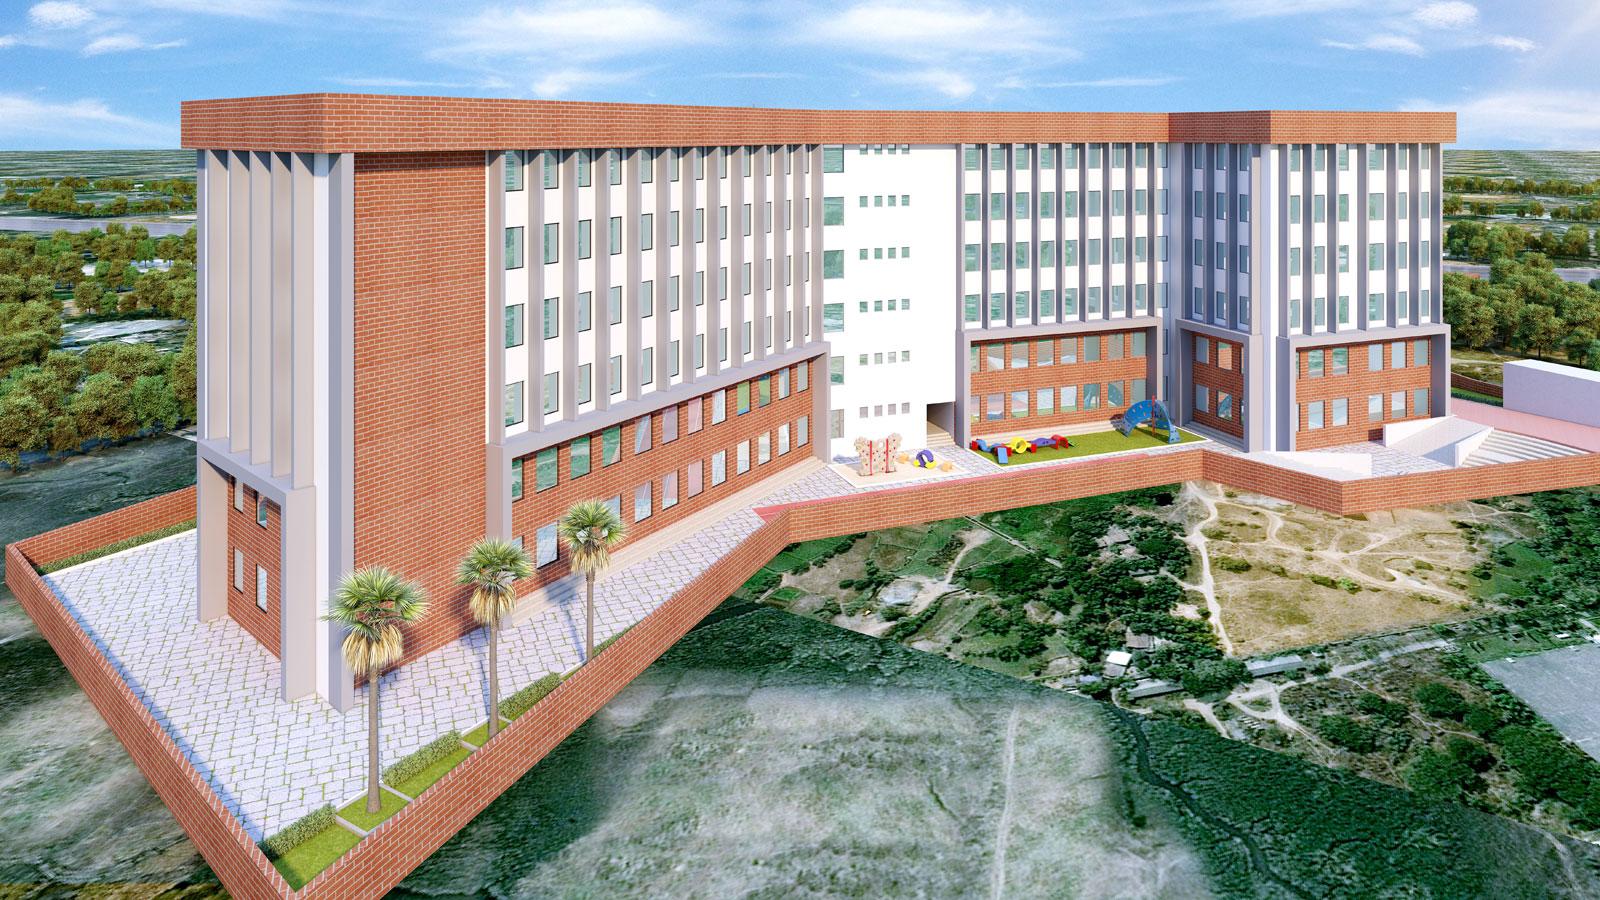 BEST INTERIOR DESIGN FOR SCHOOL BUILDINGS IN INDIA